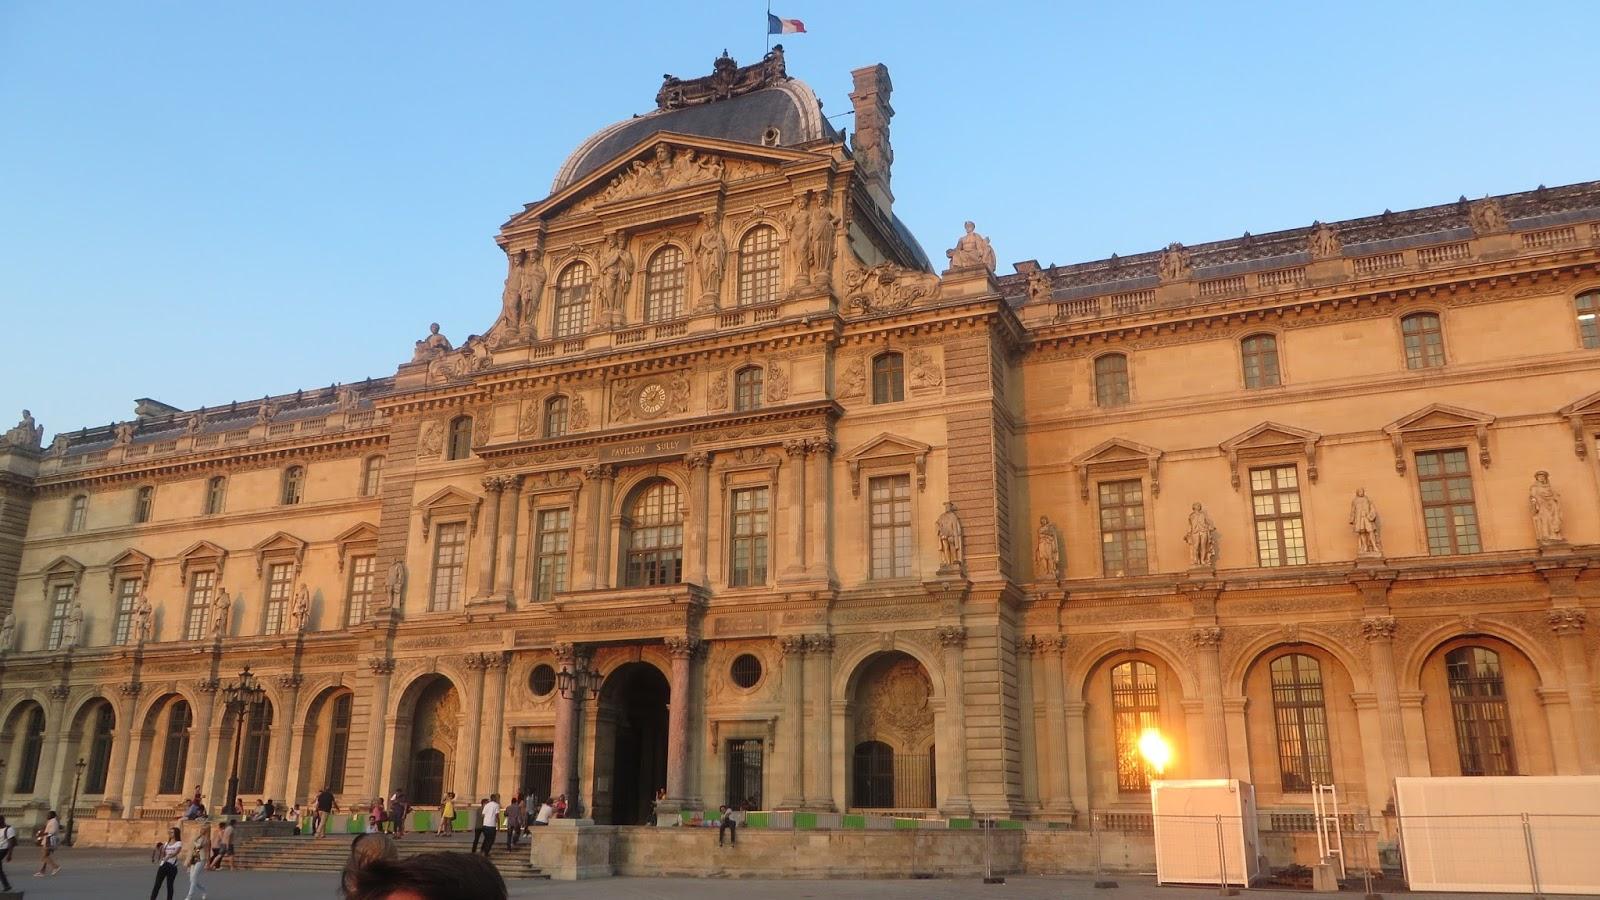 De Louvre